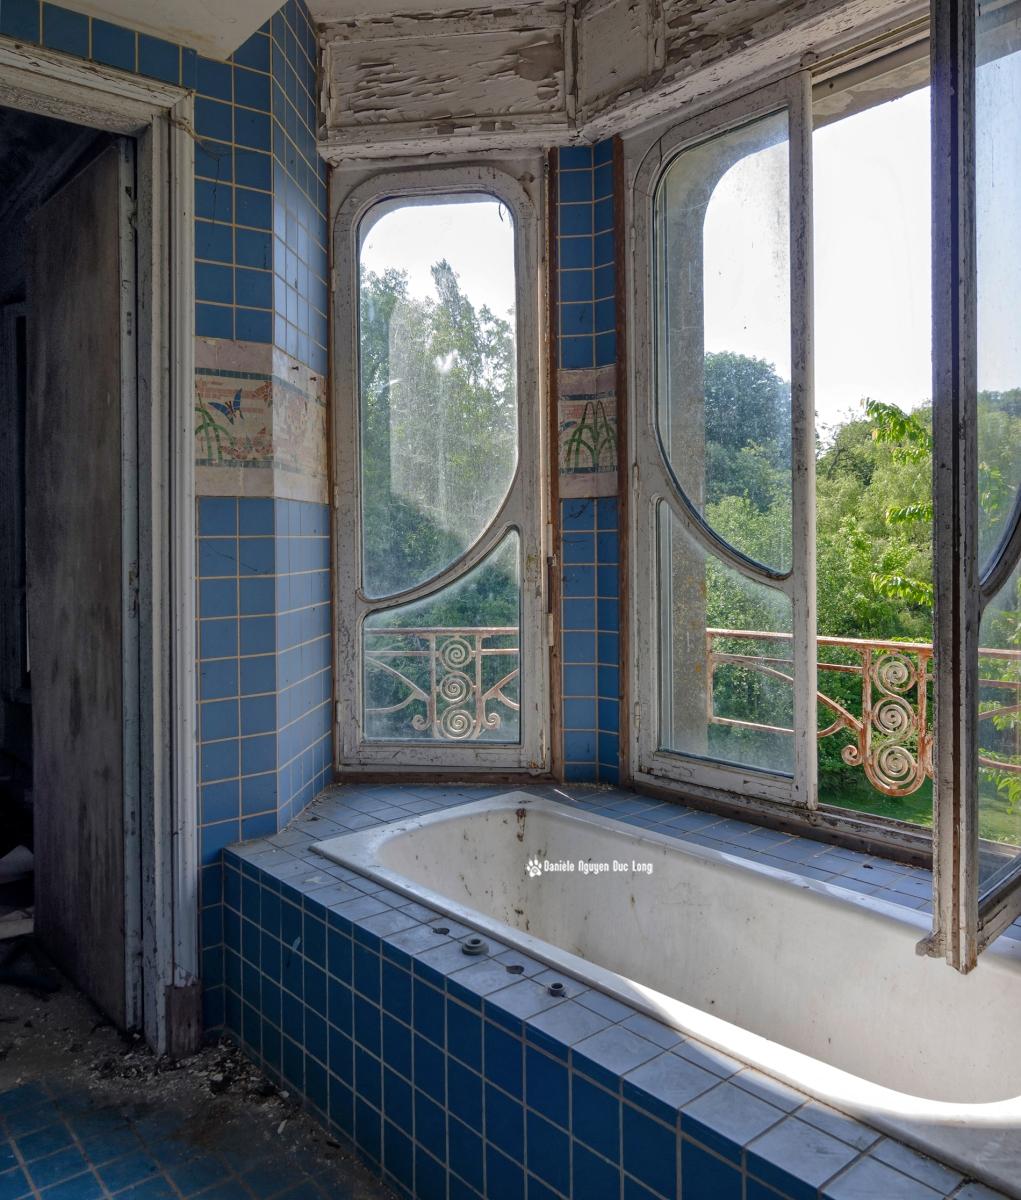 salle de bains manoir colimaçon, urbex, exploration urbaine, manoir Colimaçon